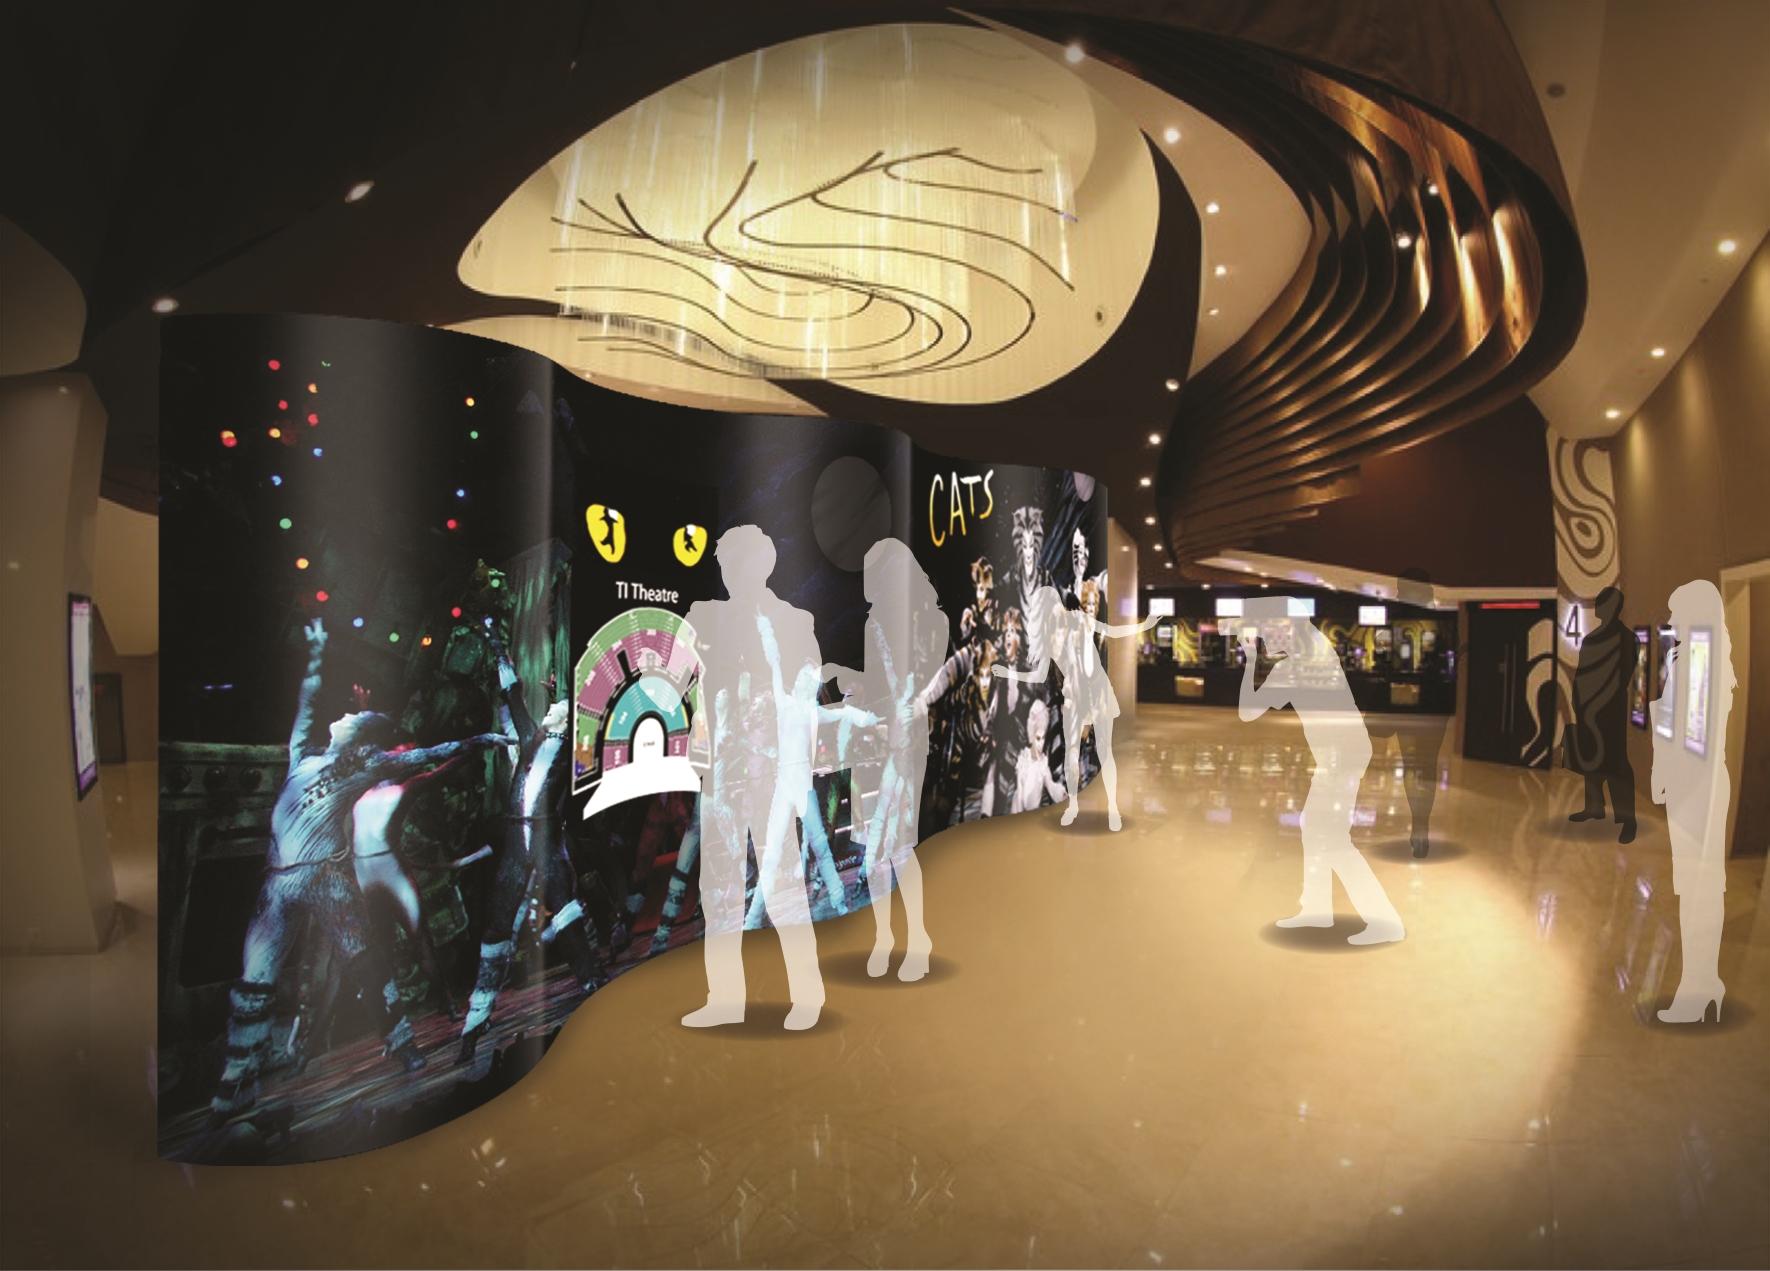 LG'den Türkiye'nin ilk dijital signage ve ekran çözümleri mağazası